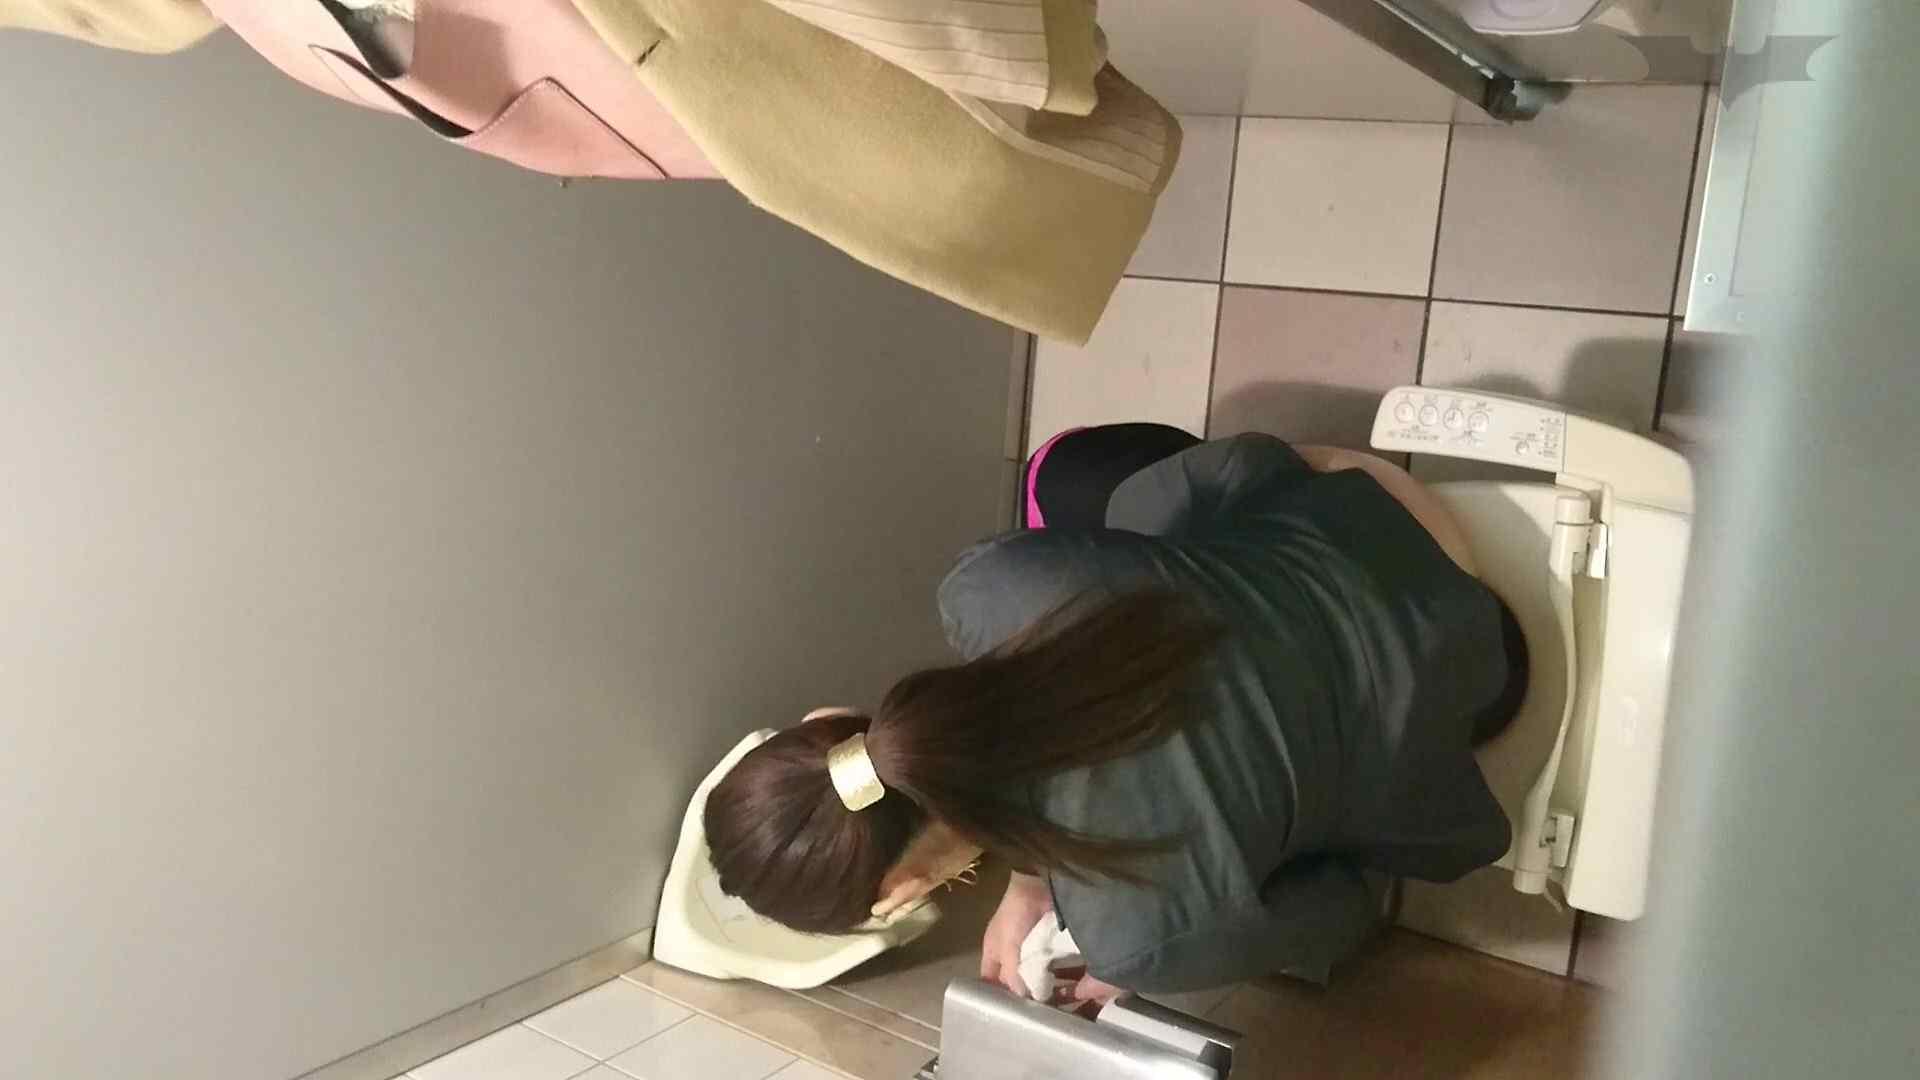 化粧室絵巻 ショッピングモール編 VOL.15 美肌 ワレメ無修正動画無料 107枚 44